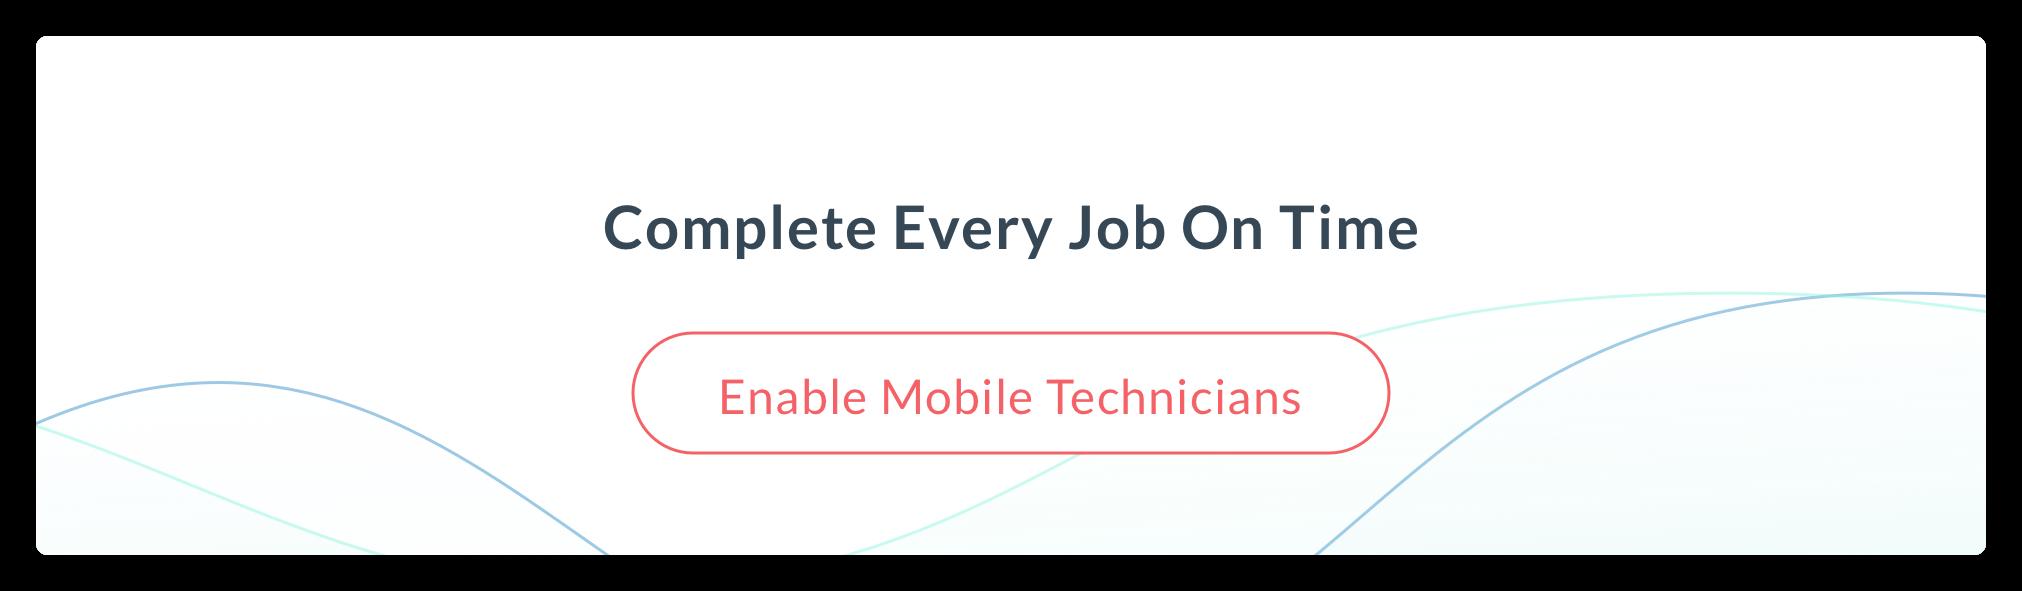 Enable Mobile Technicians